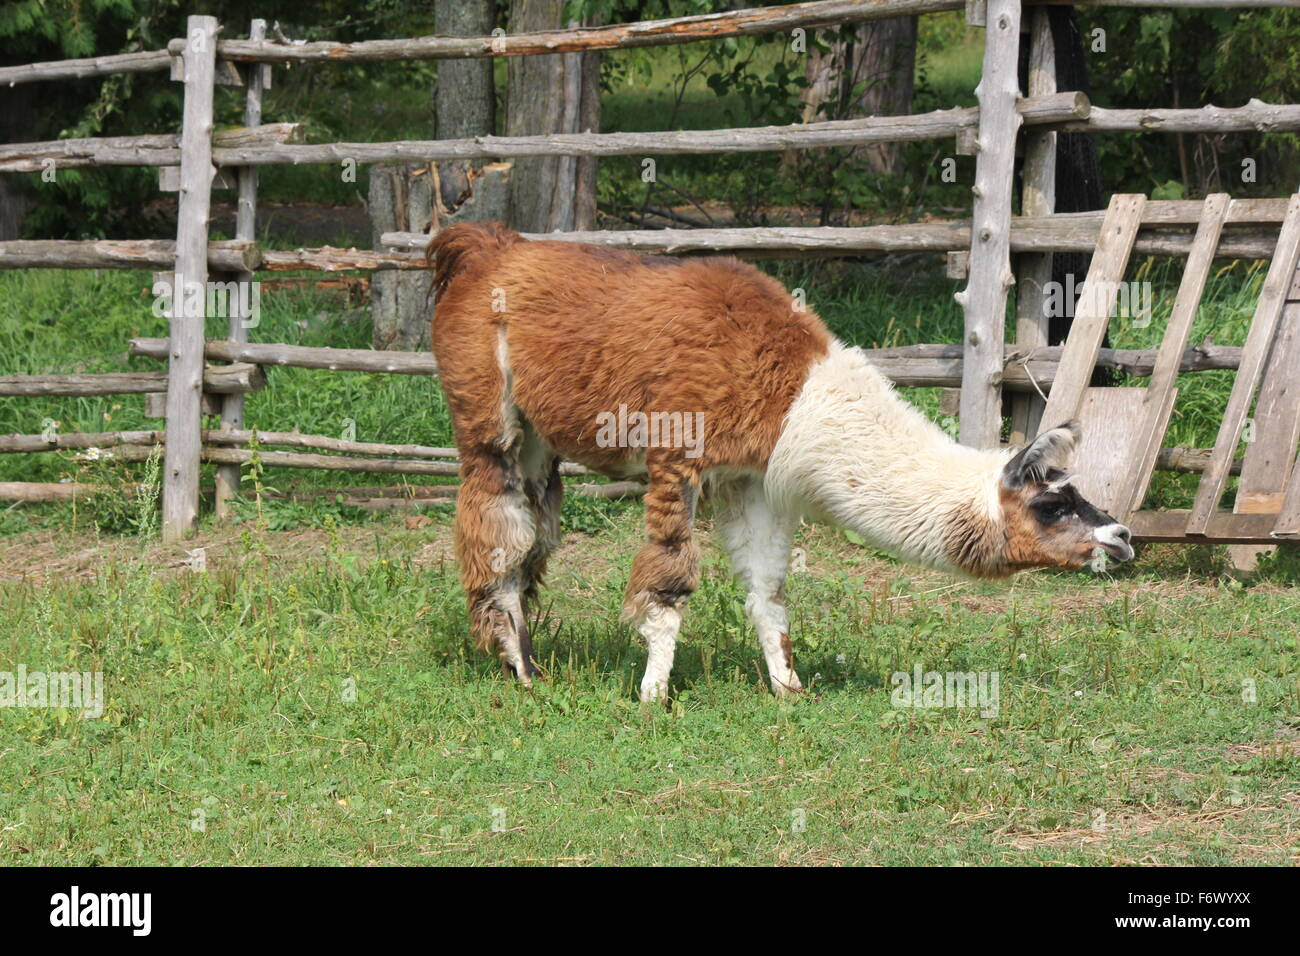 Llama sur une petite ferme d'agrément. Le Lama est une de camélidés sud-américains, a été Photo Stock